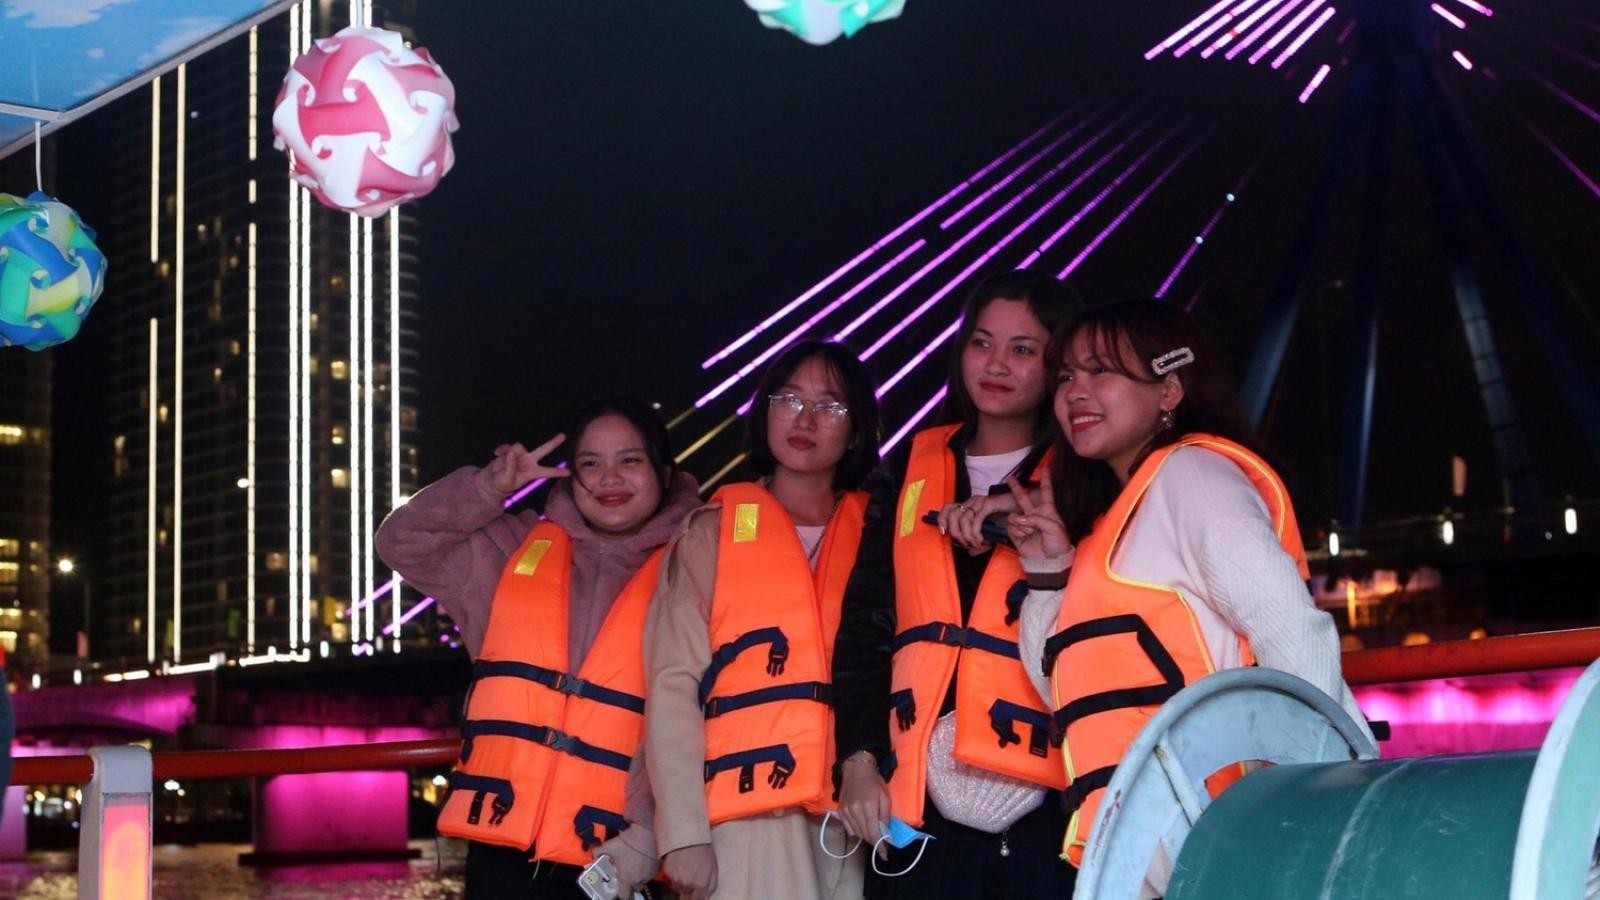 Hơn 800 doanh nghiệp du lịch Đà Nẵng vẫn ngừng hoạt động